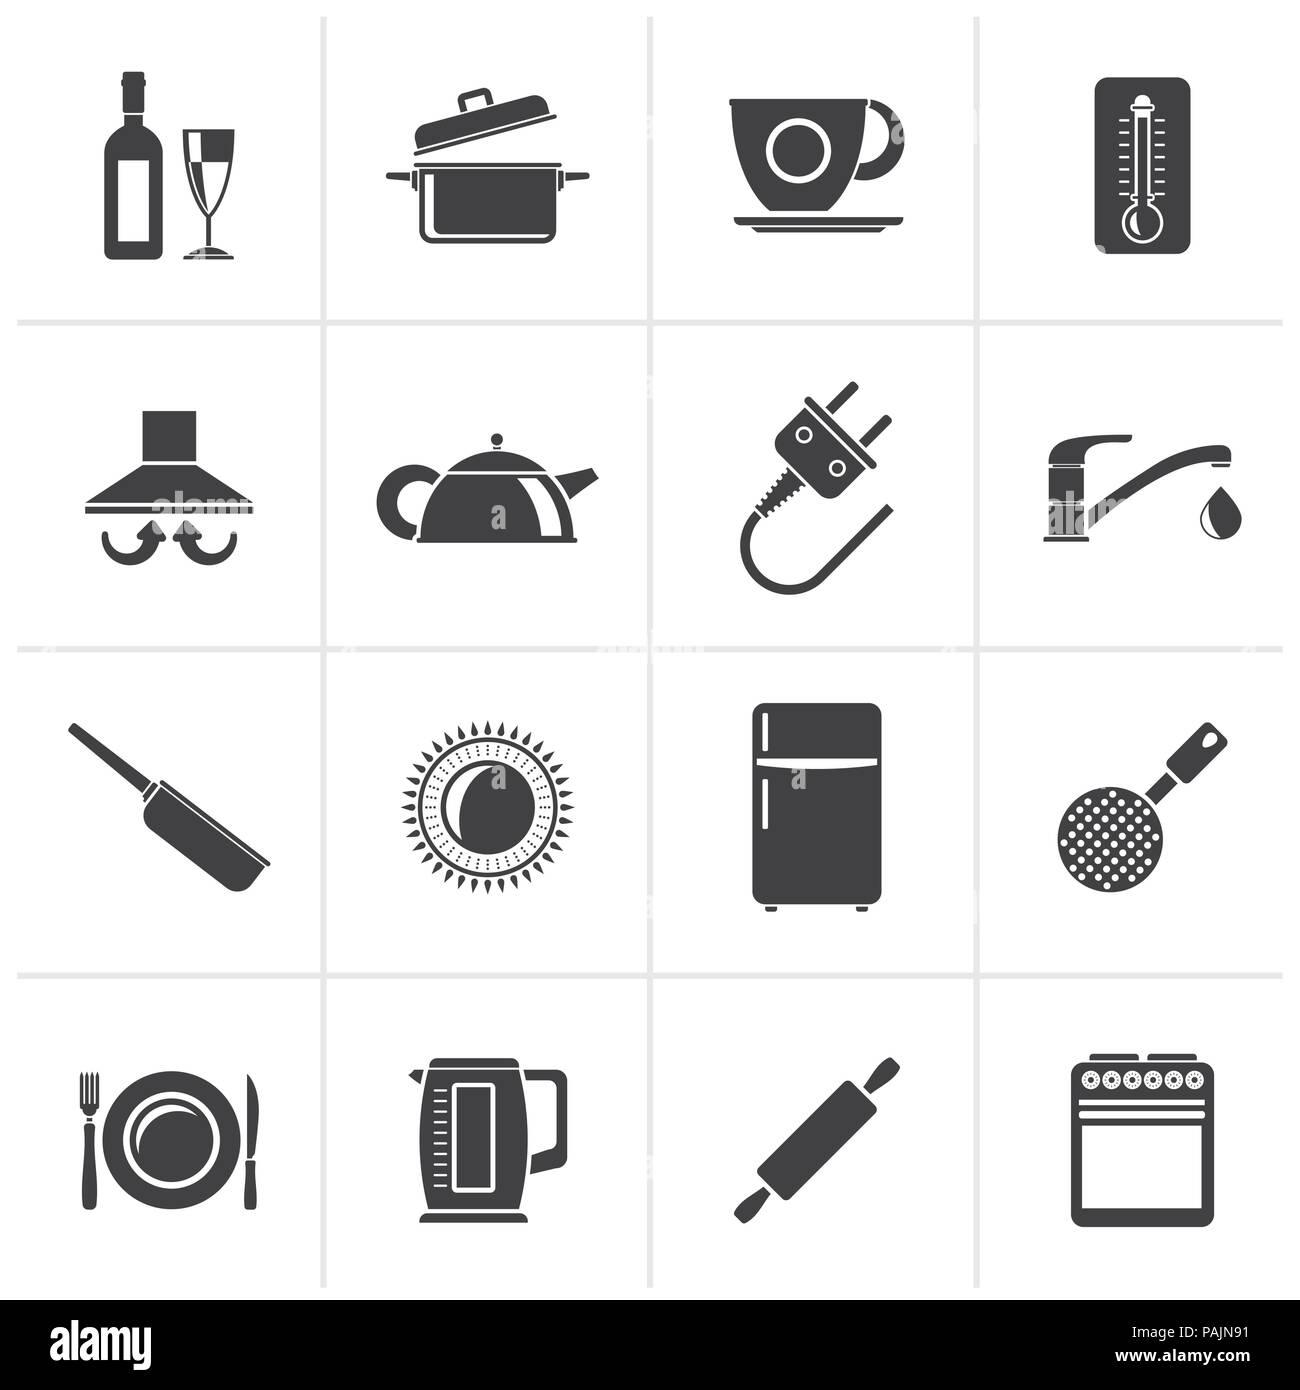 Nero oggetti da cucina e accessori icone - vettore icona impostare ...